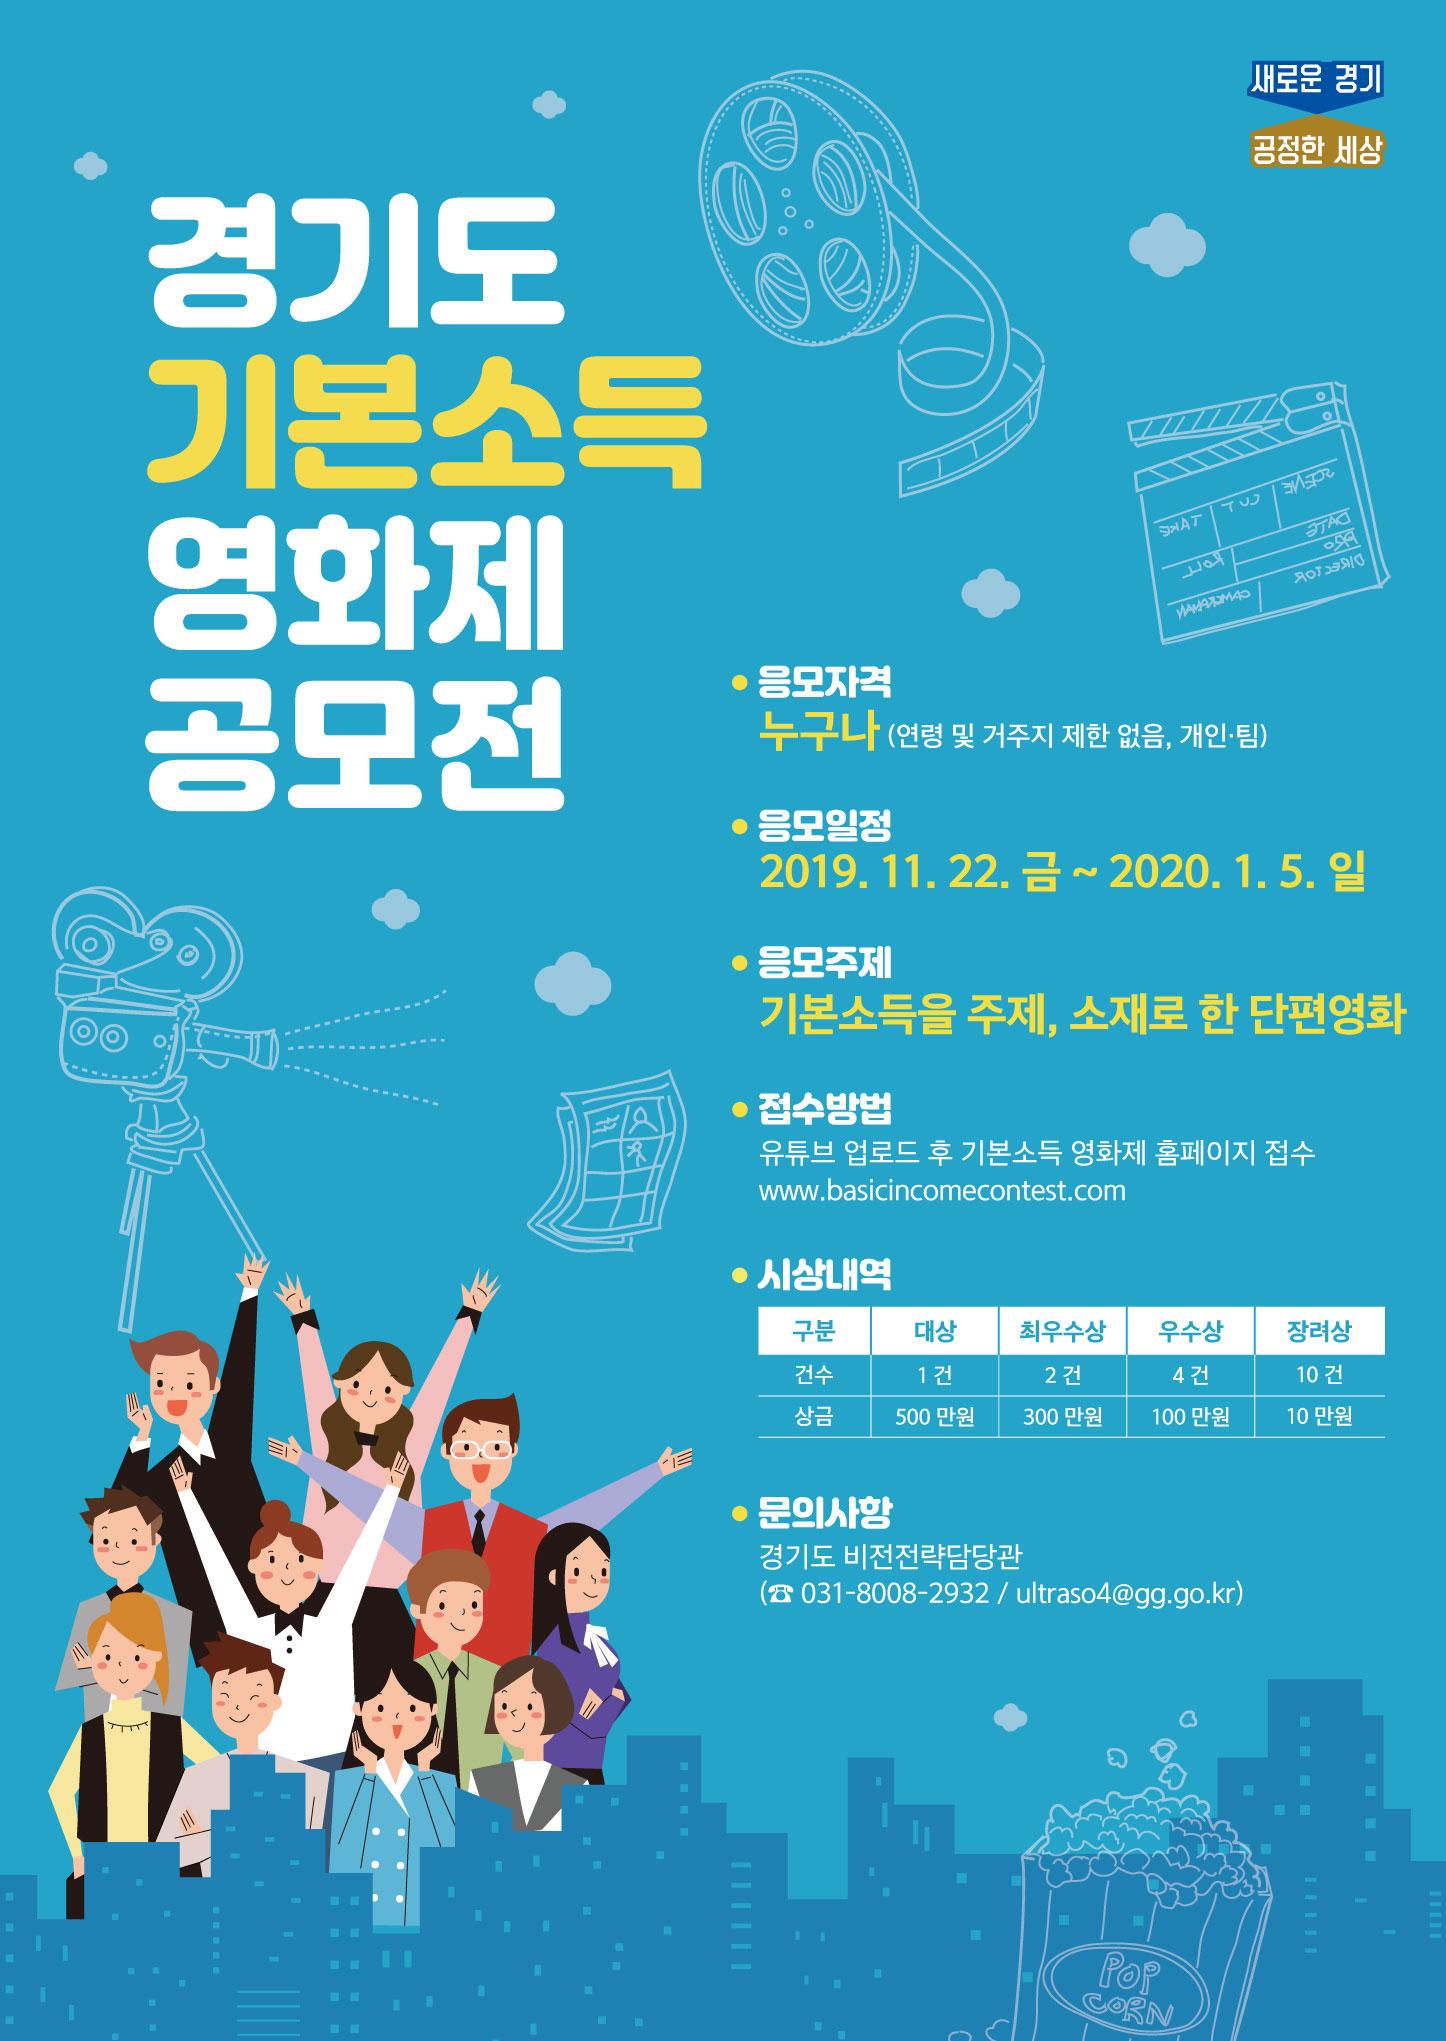 경기도 기본소득 영화제 공모전.JPG